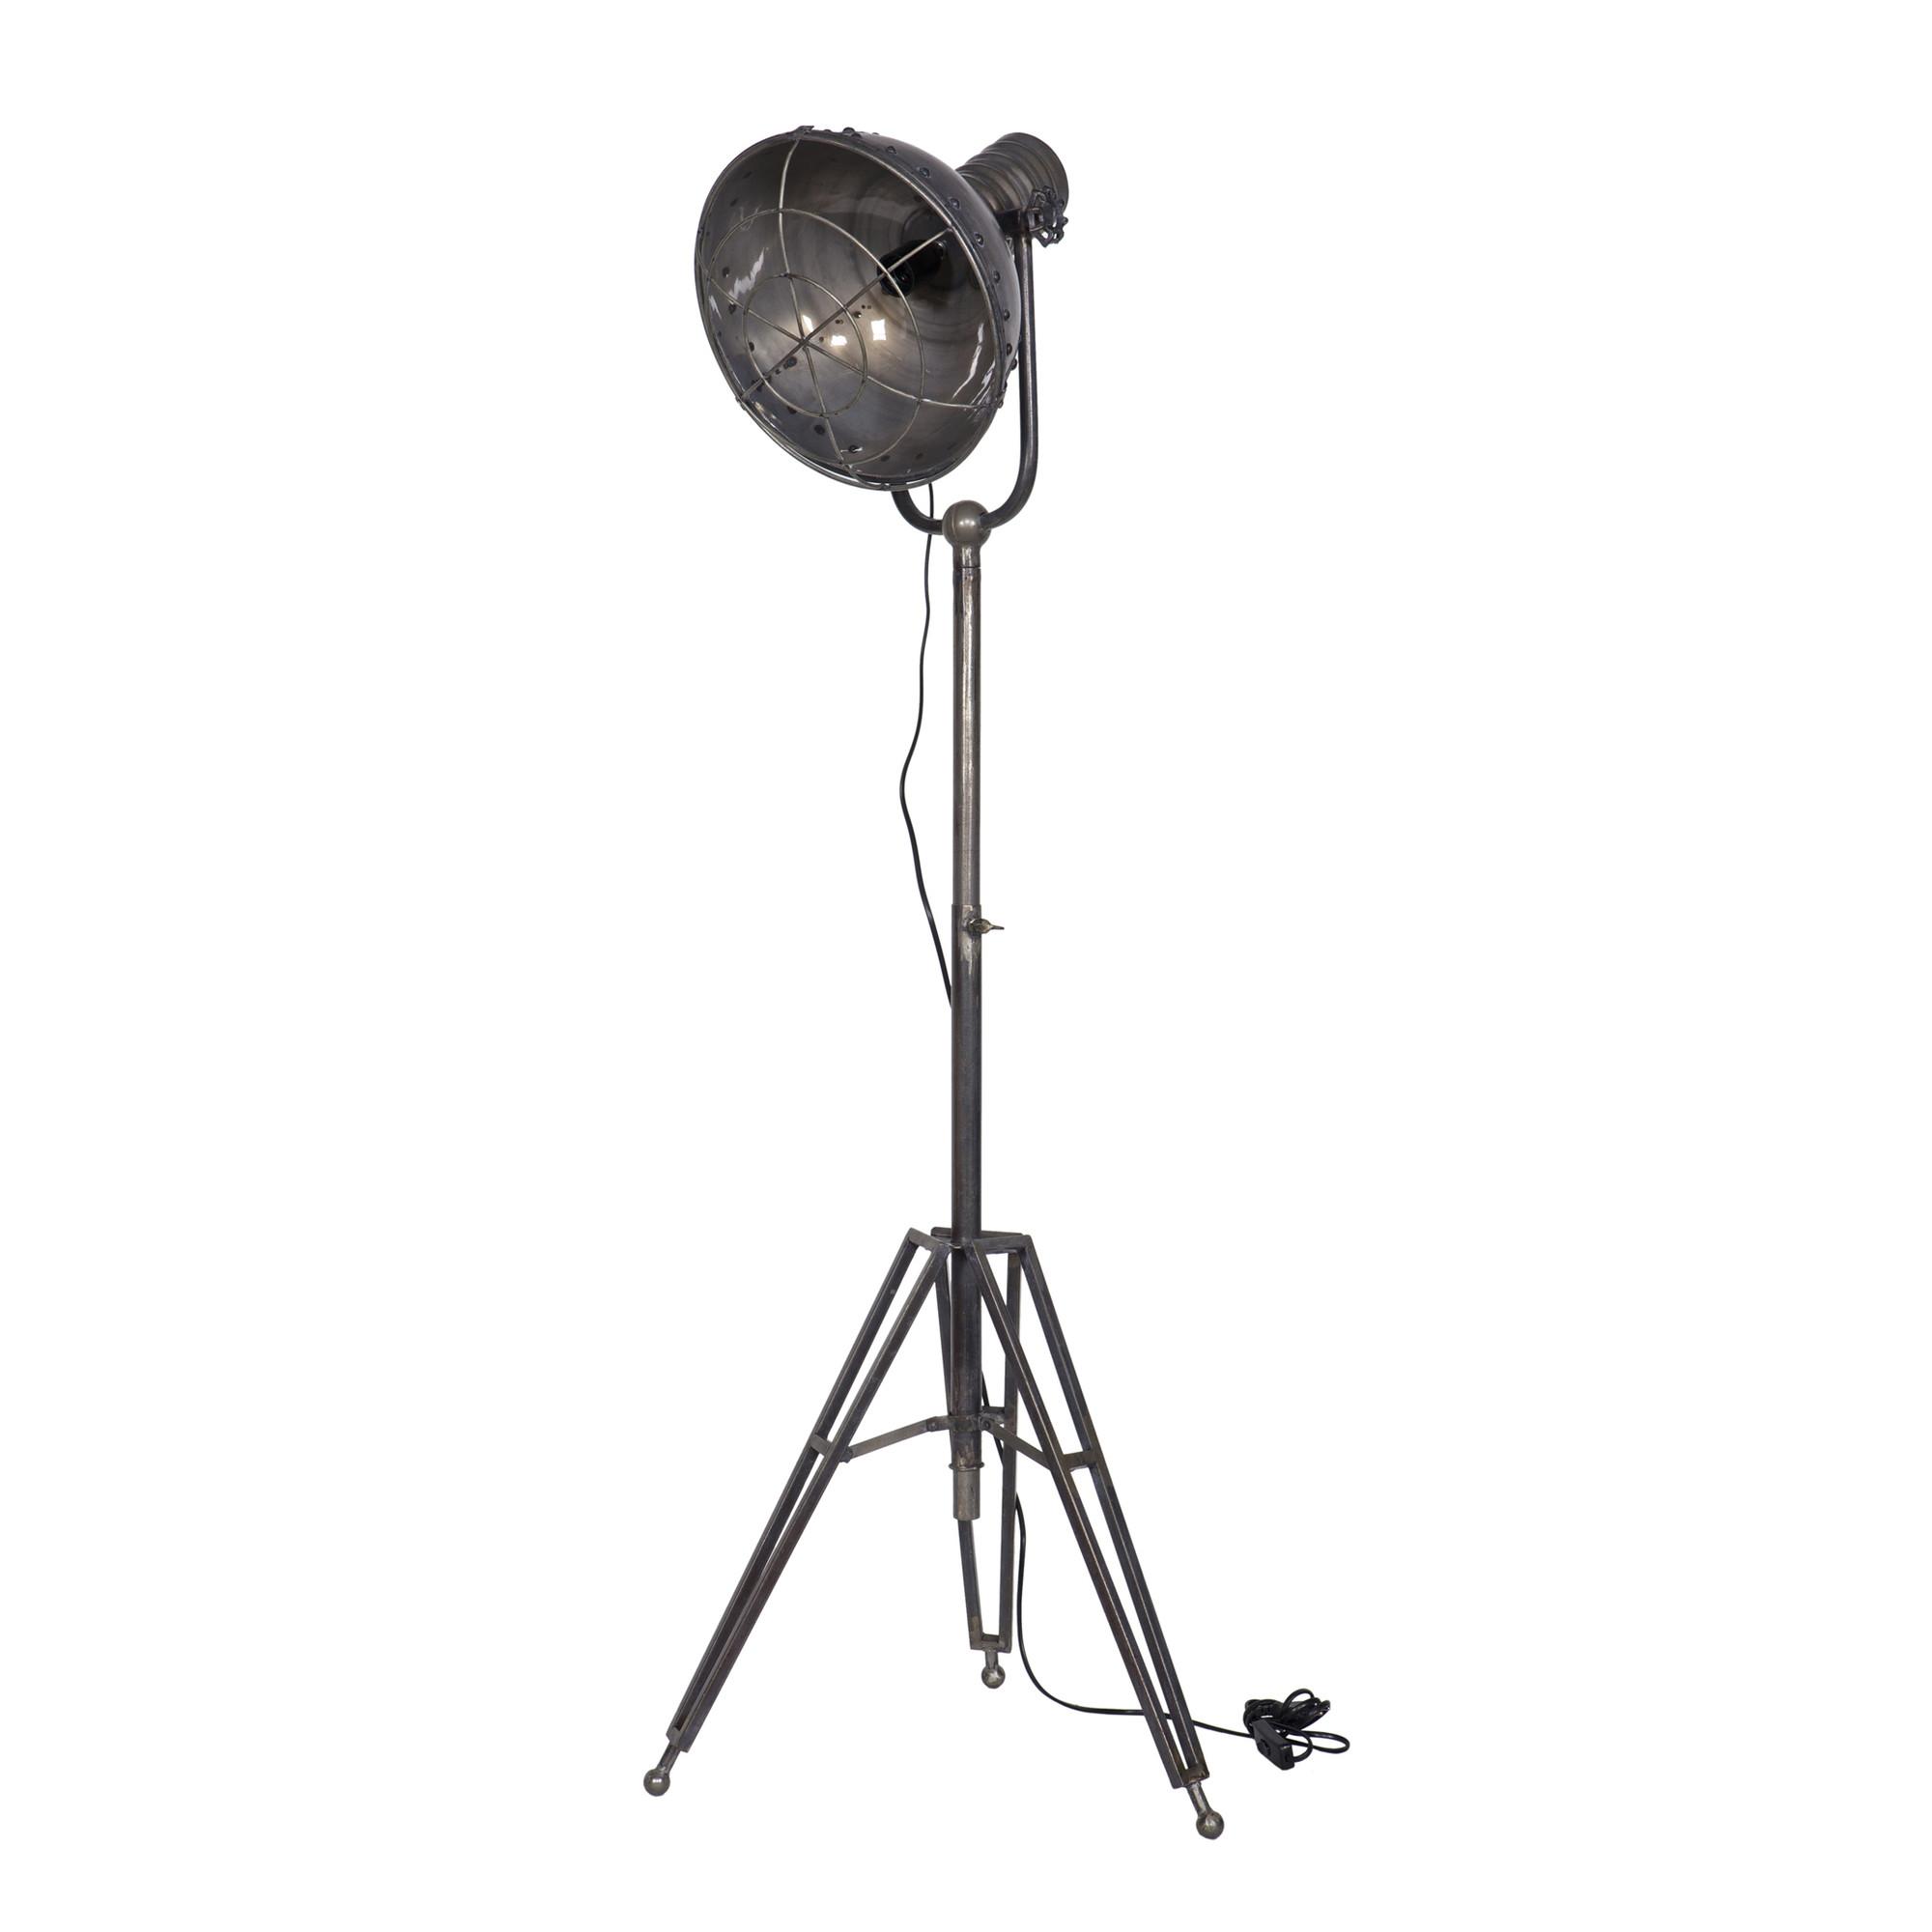 BePureHome Vloerlamp 'Spotlight' Verlichting   Vloerlampen kopen